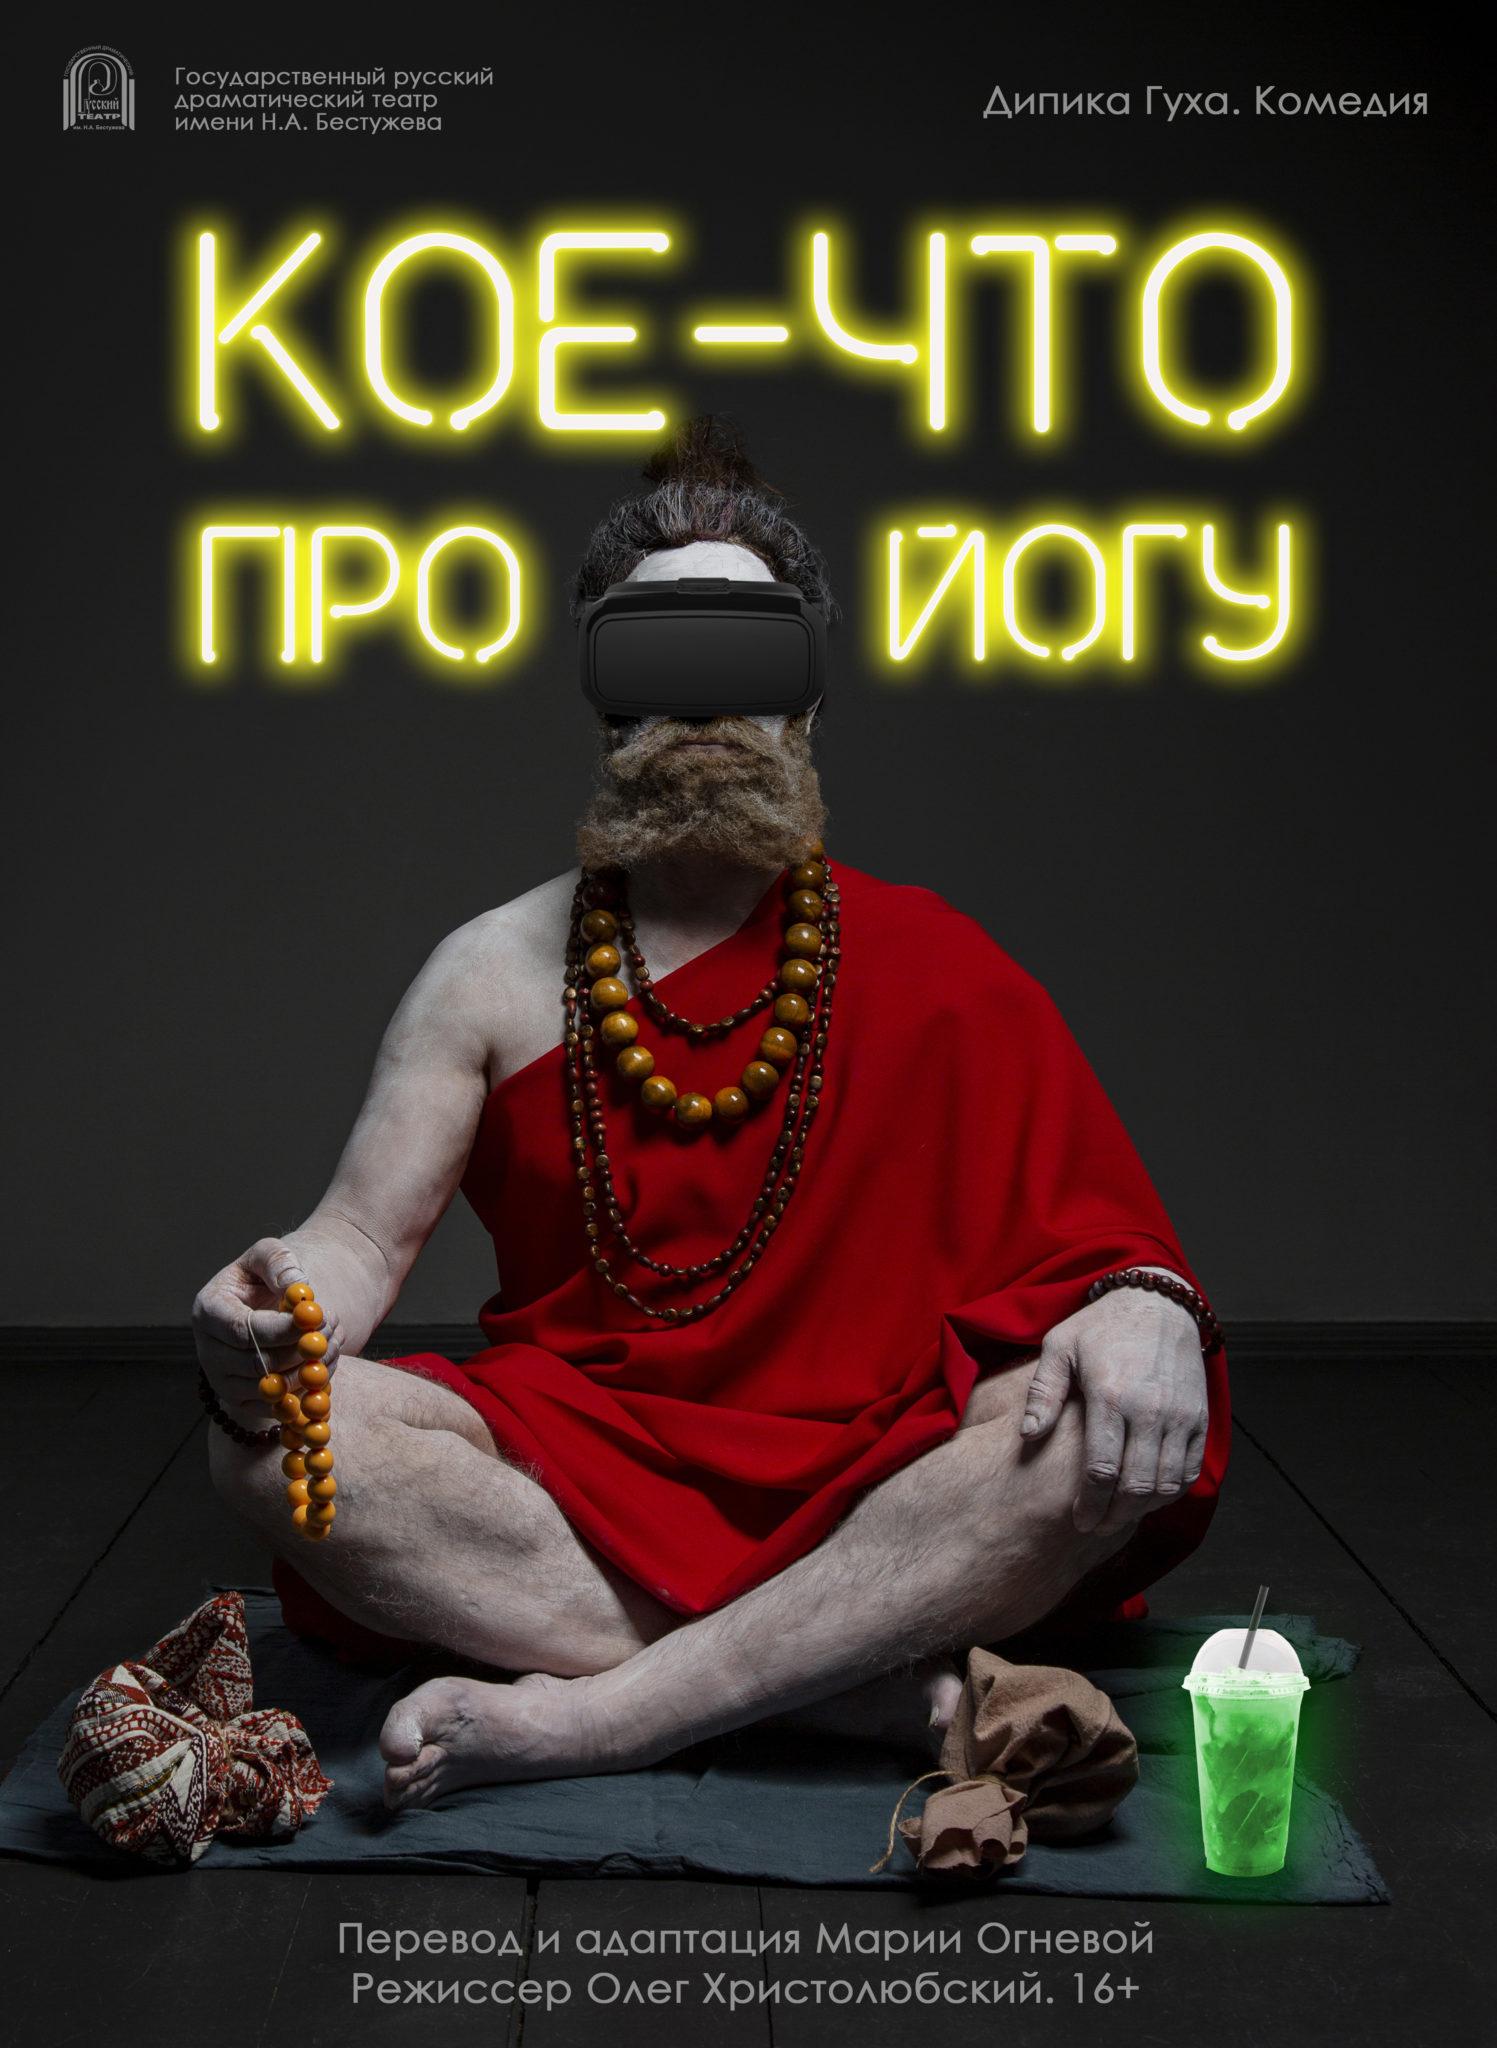 Спектакль «Кое-что про йогу»